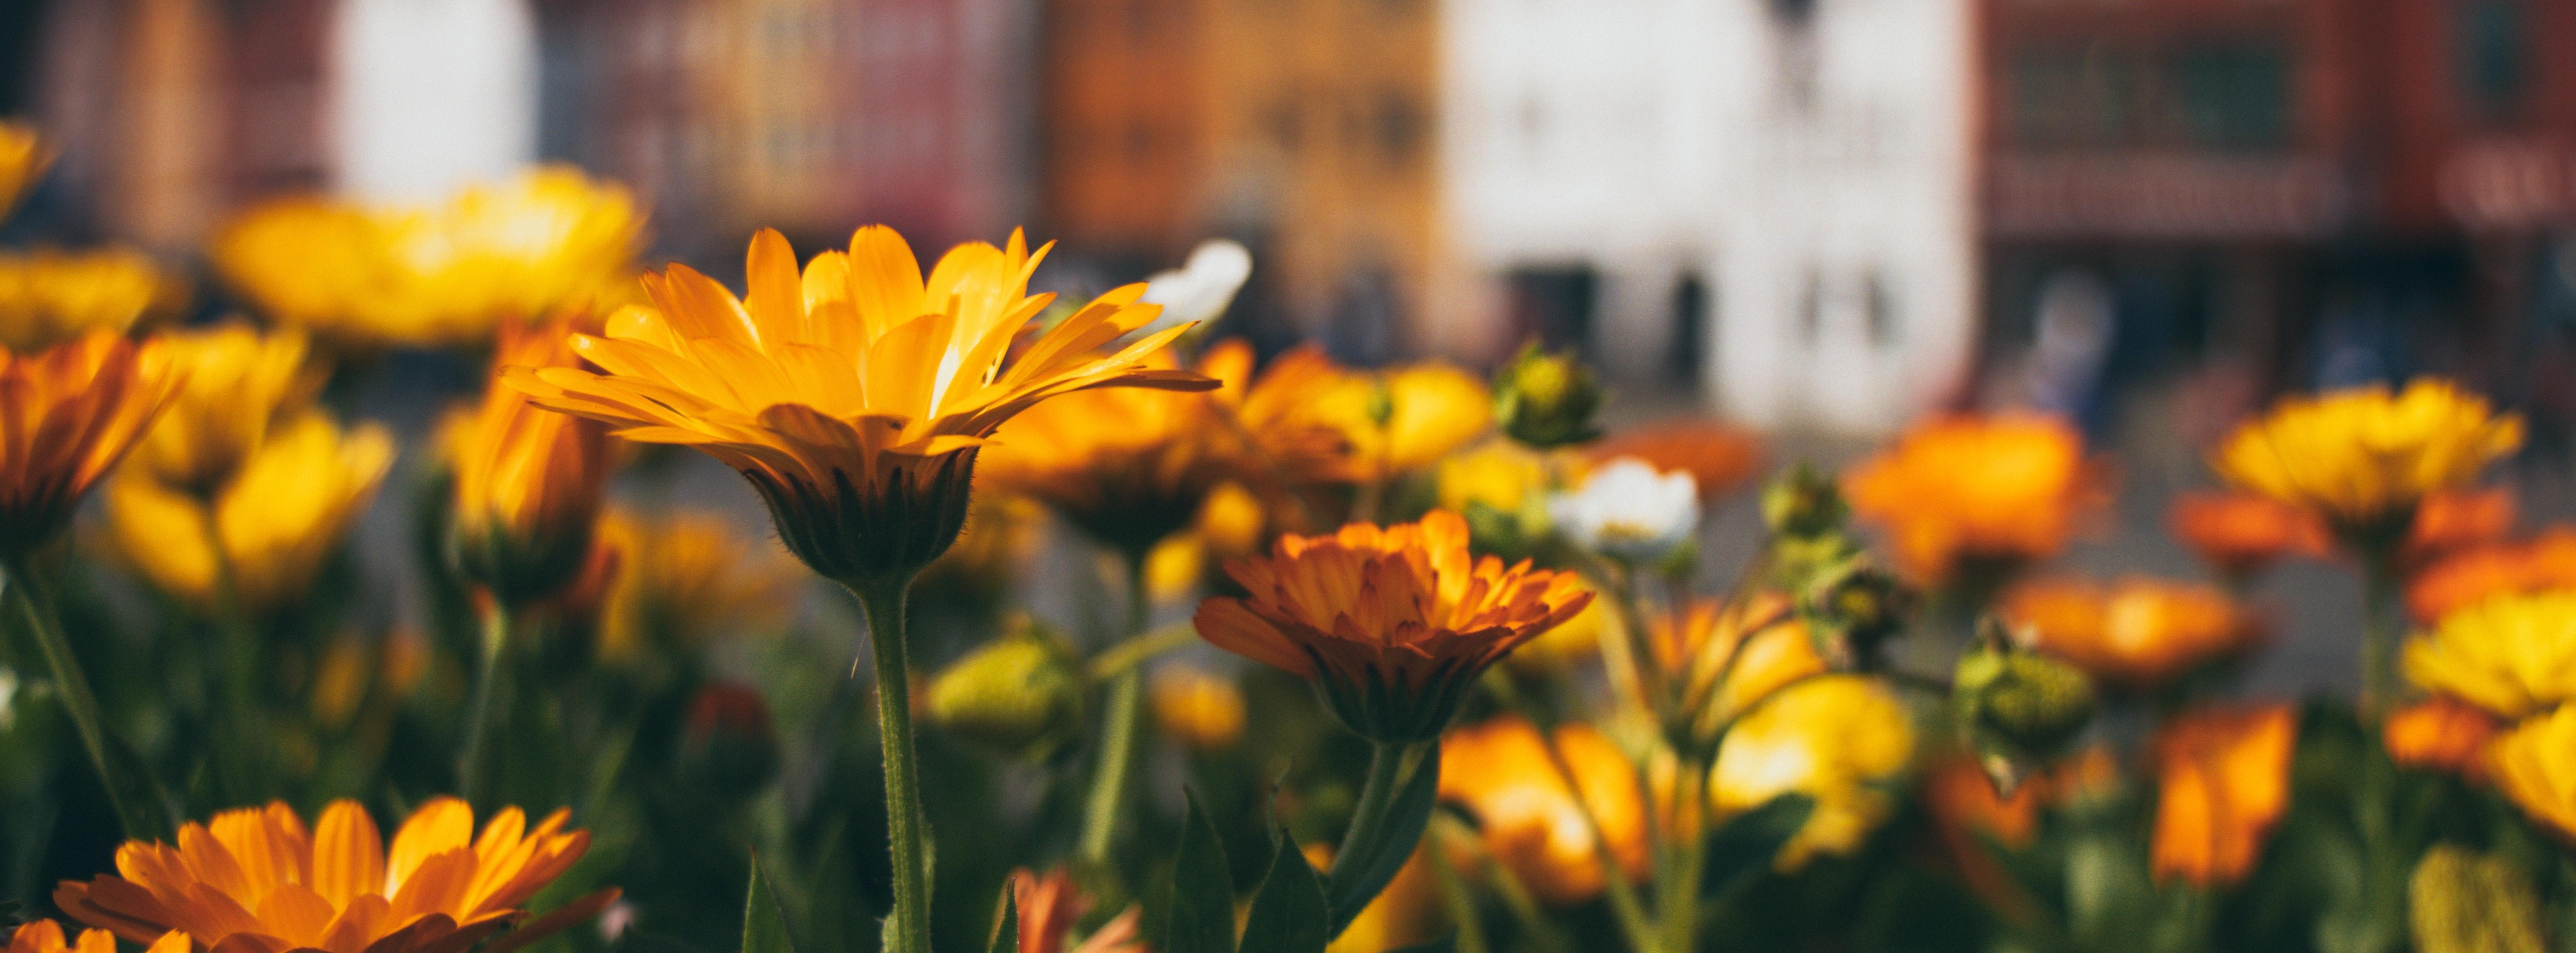 Zdjęcie żółtych chryzantem.